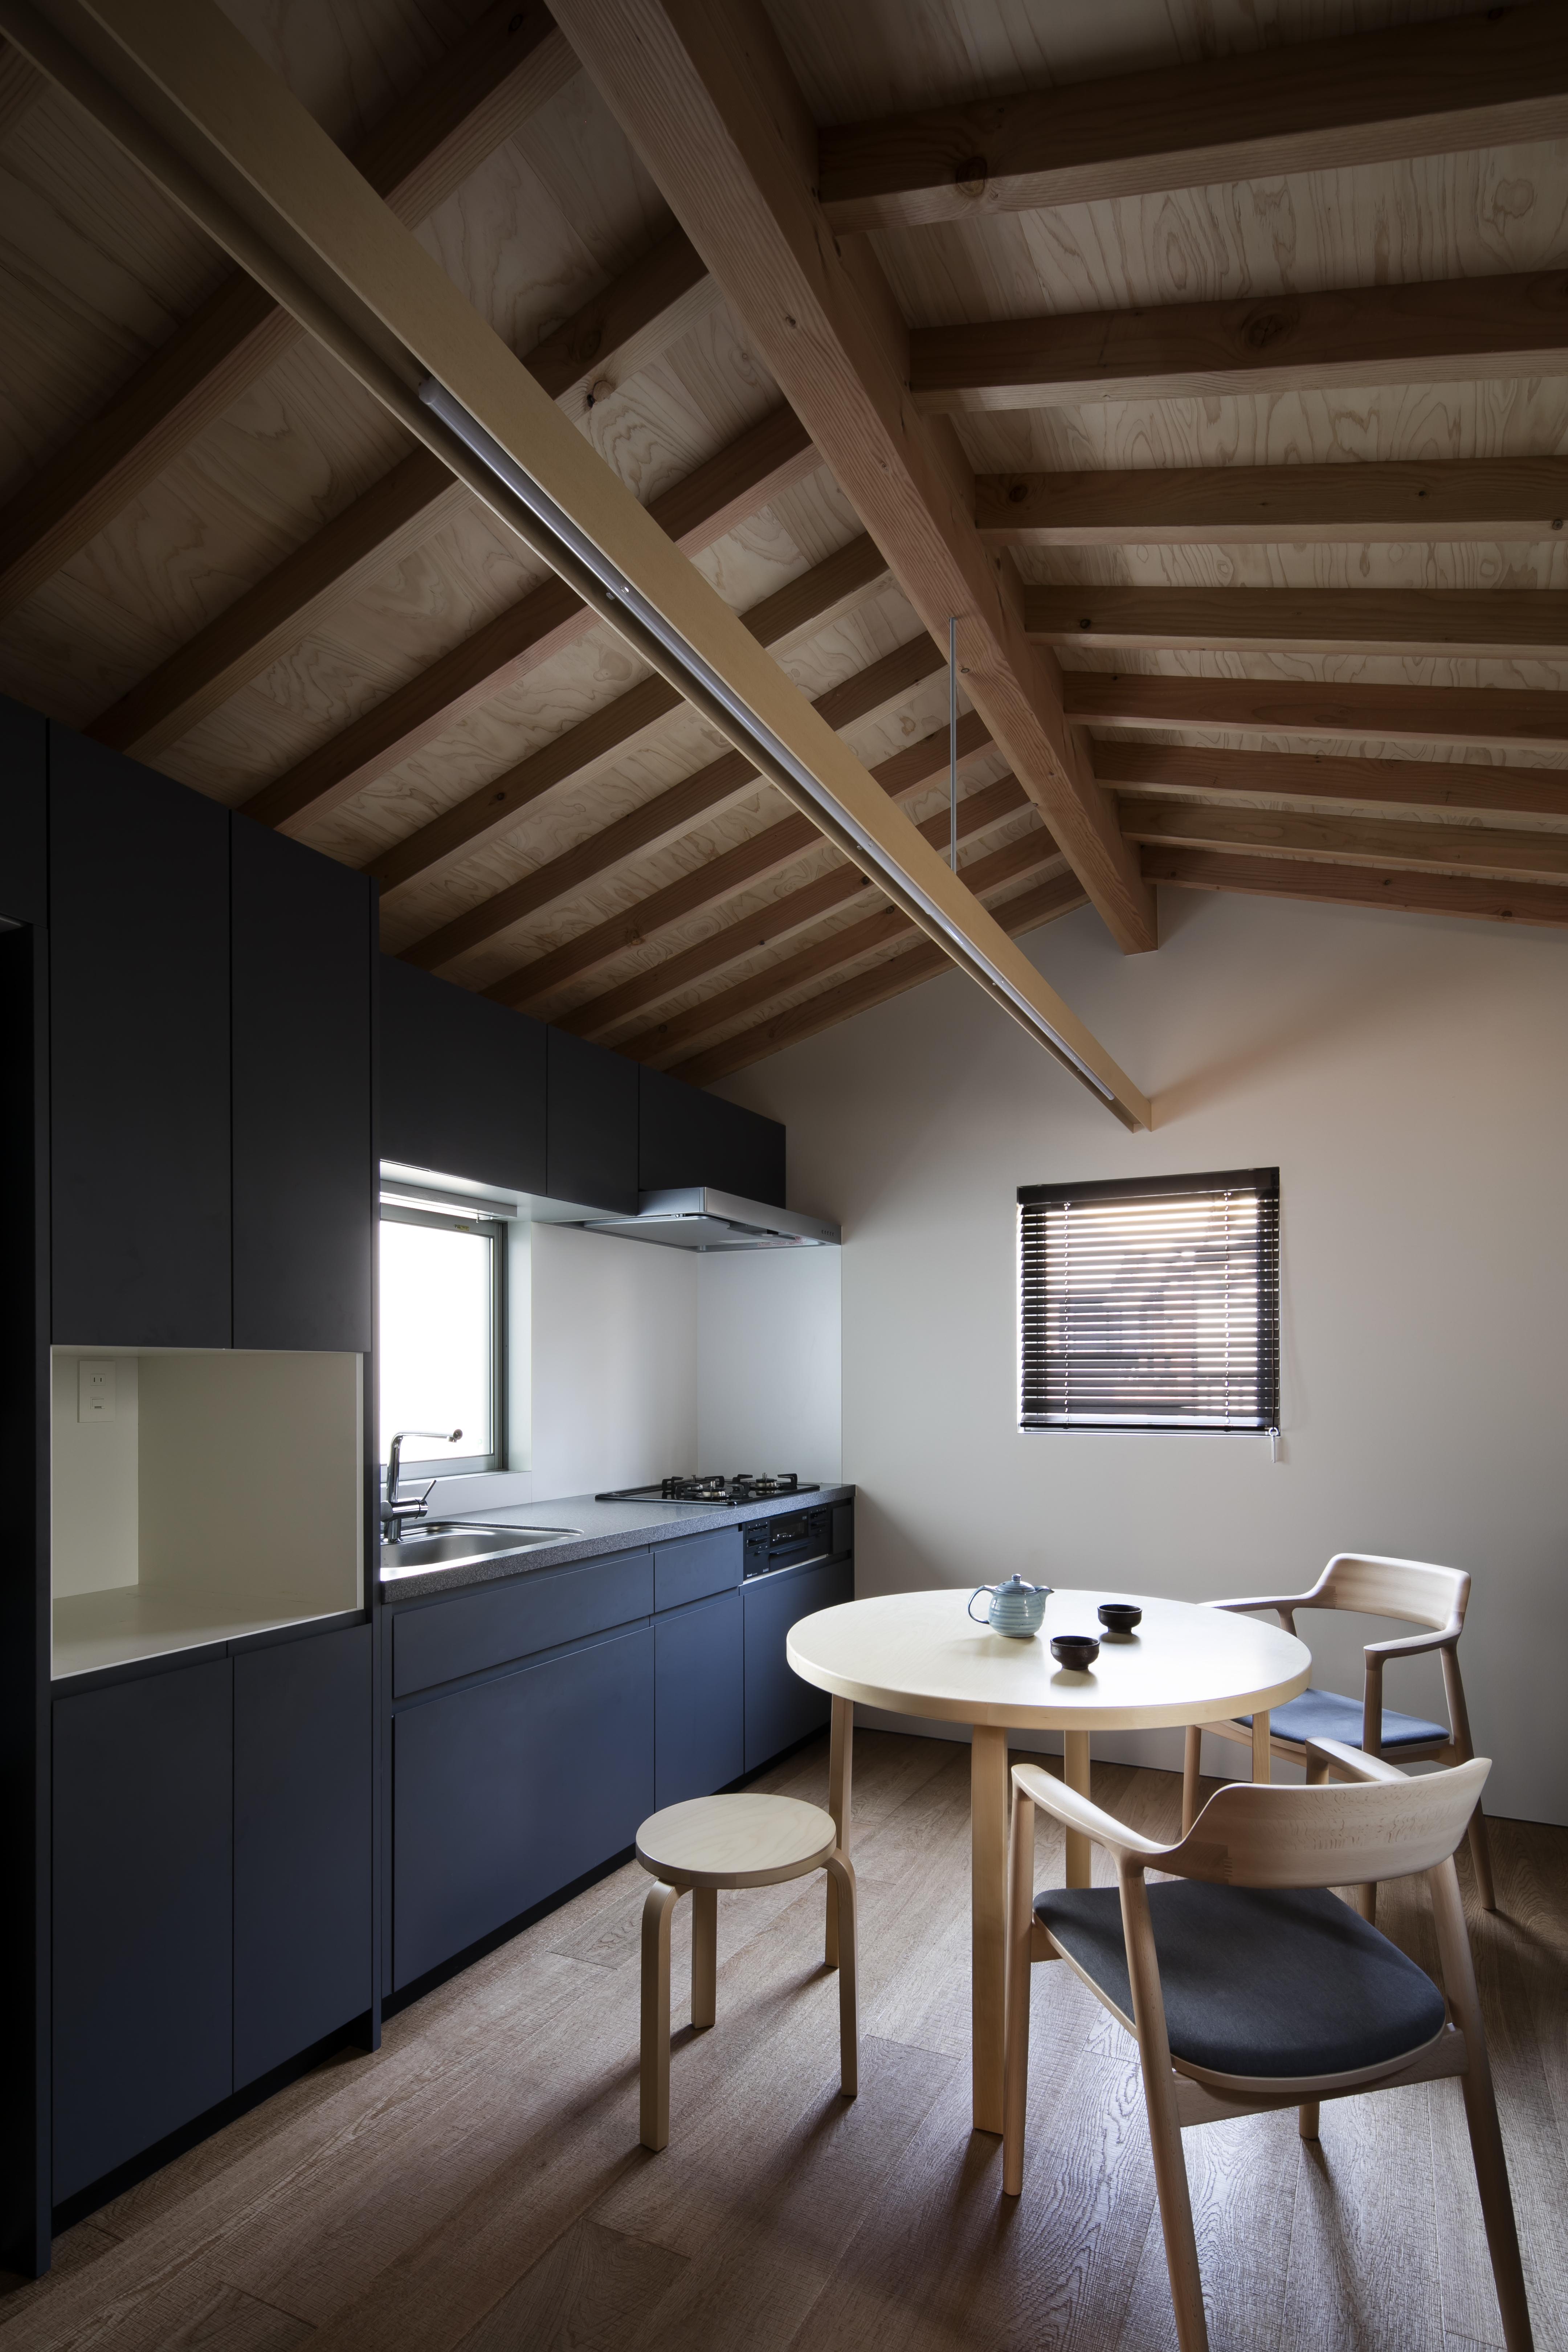 石橋の家|二世帯住宅|狭小住宅|一級建築士事務所エヌアールエム|大阪